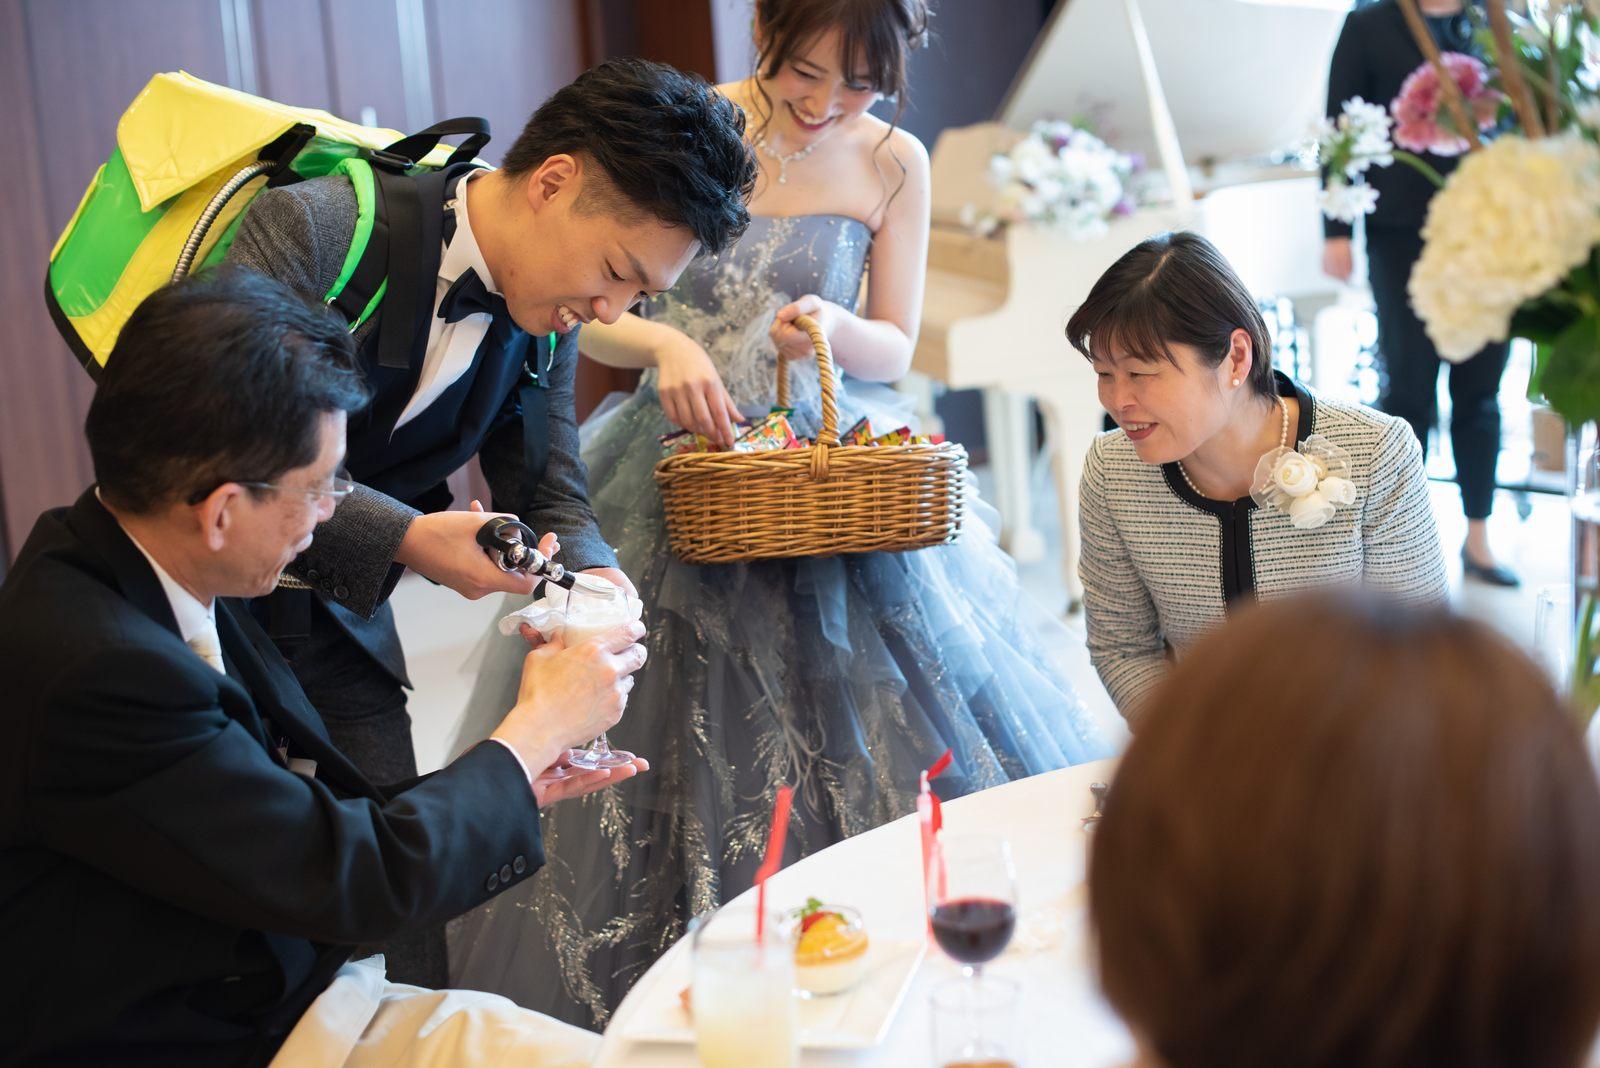 徳島市の結婚式場ブランアンジュの披露宴でビールサーブをする新郎